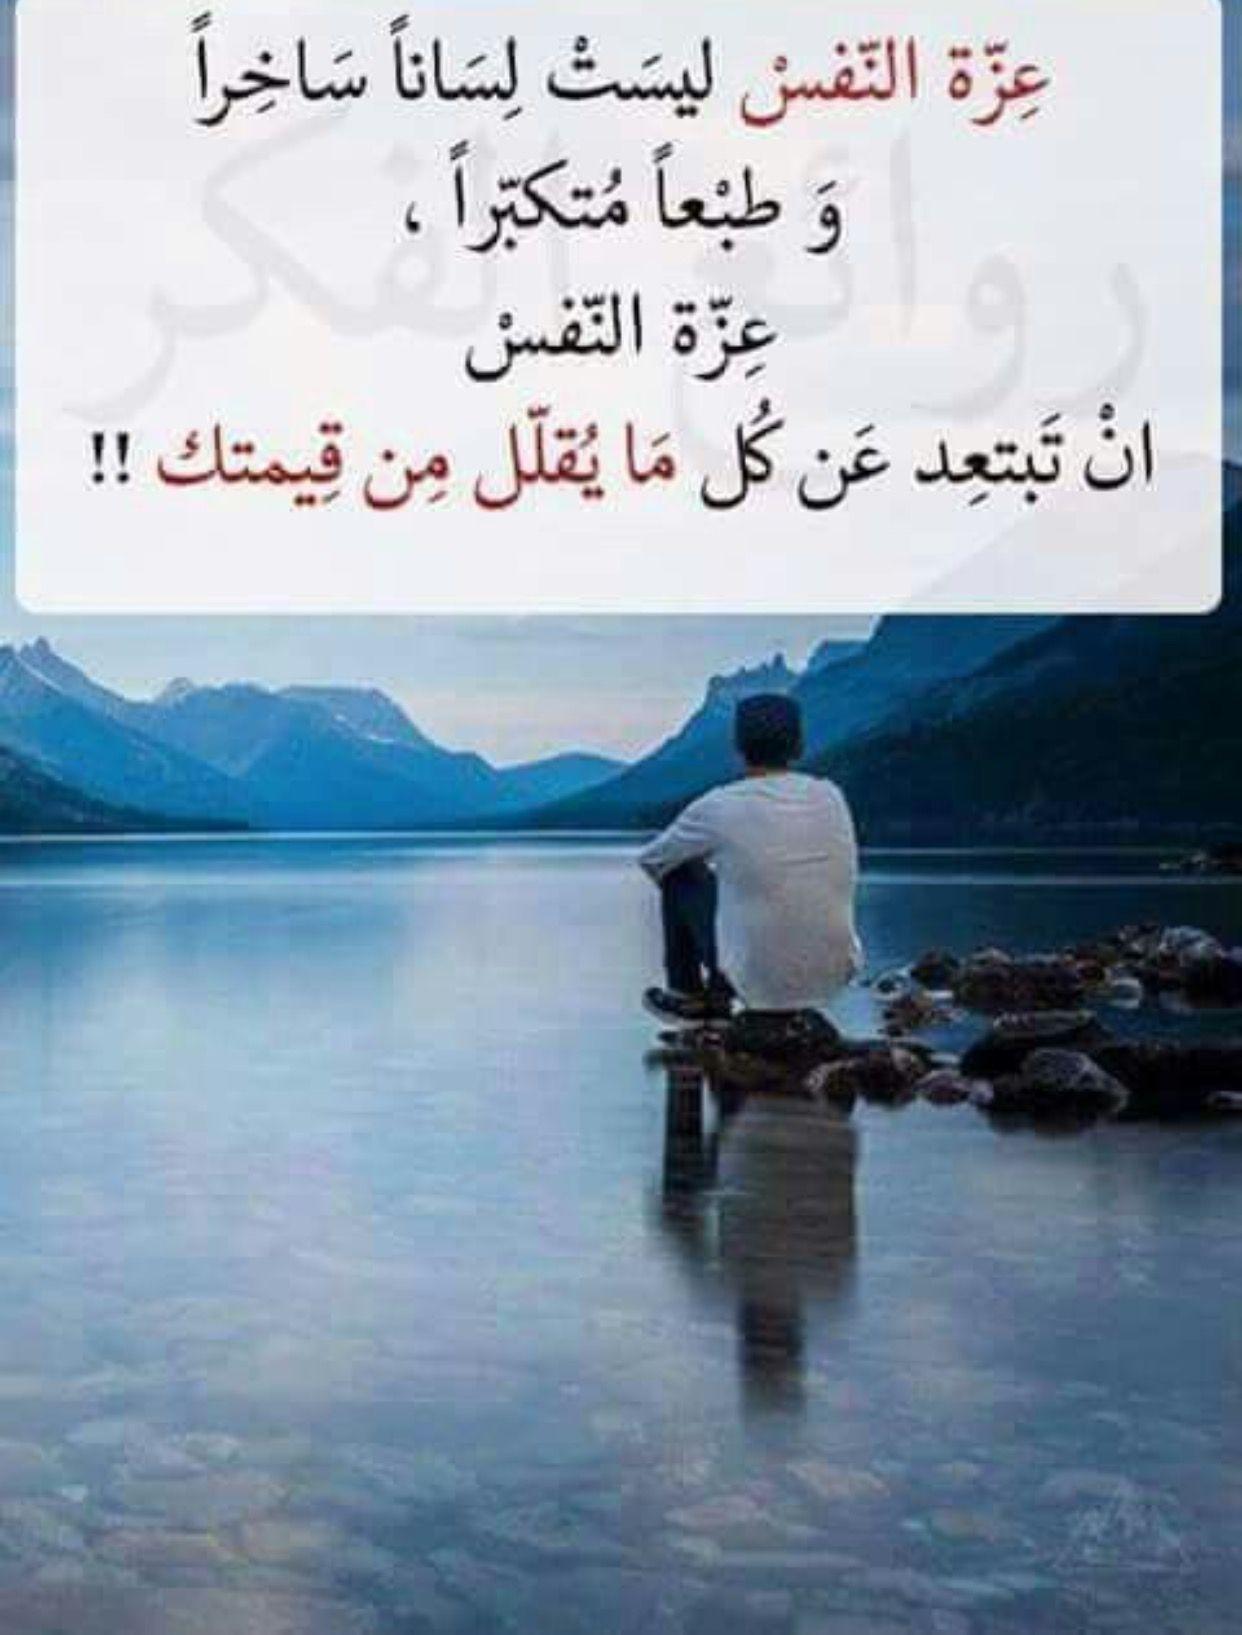 عزة النفس أن تبتعد عن كل مايقلل من قيمتك Arabic Quotes Wisdom Quotes Life Logic Quotes